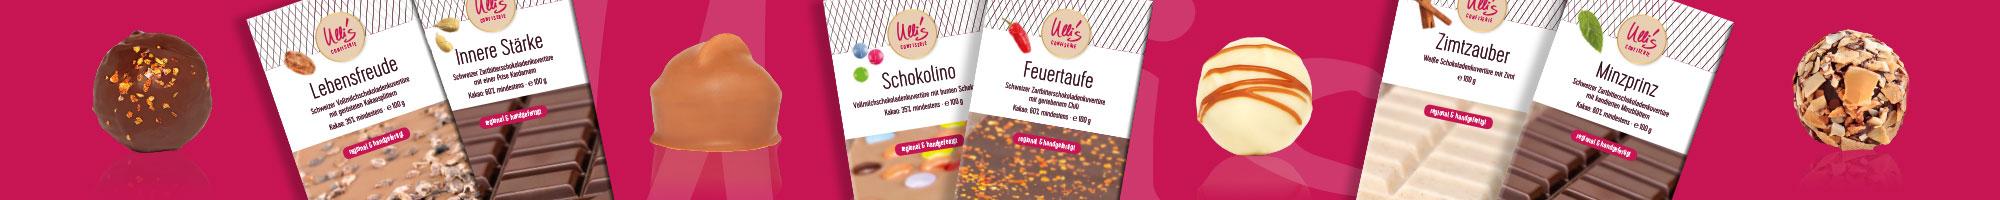 Schokolade Probierpakete von Ulli´s Confiserie